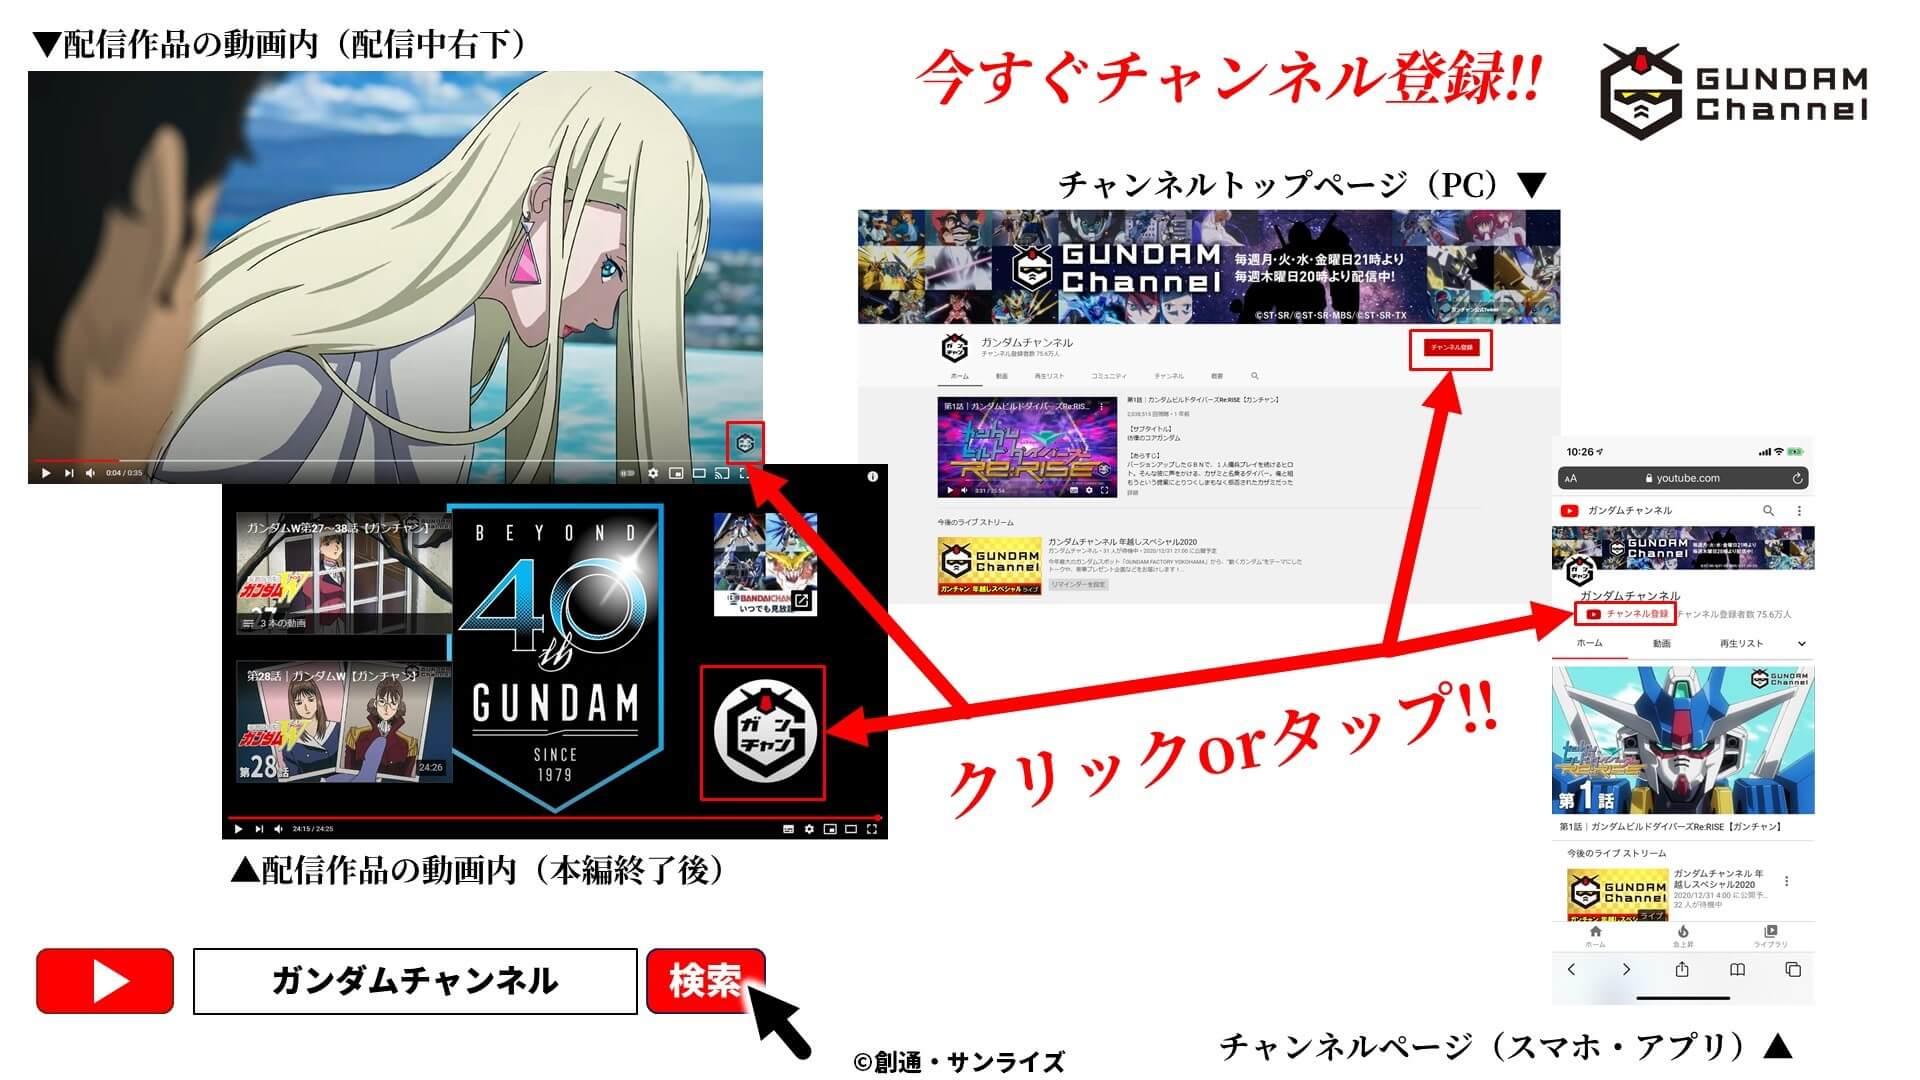 今度は『機動戦士ガンダム0080』が無料プレミア公開決定!ガンダム公式YouTubeチャンネル登録者80万人突破 art210212_gundam0080_3